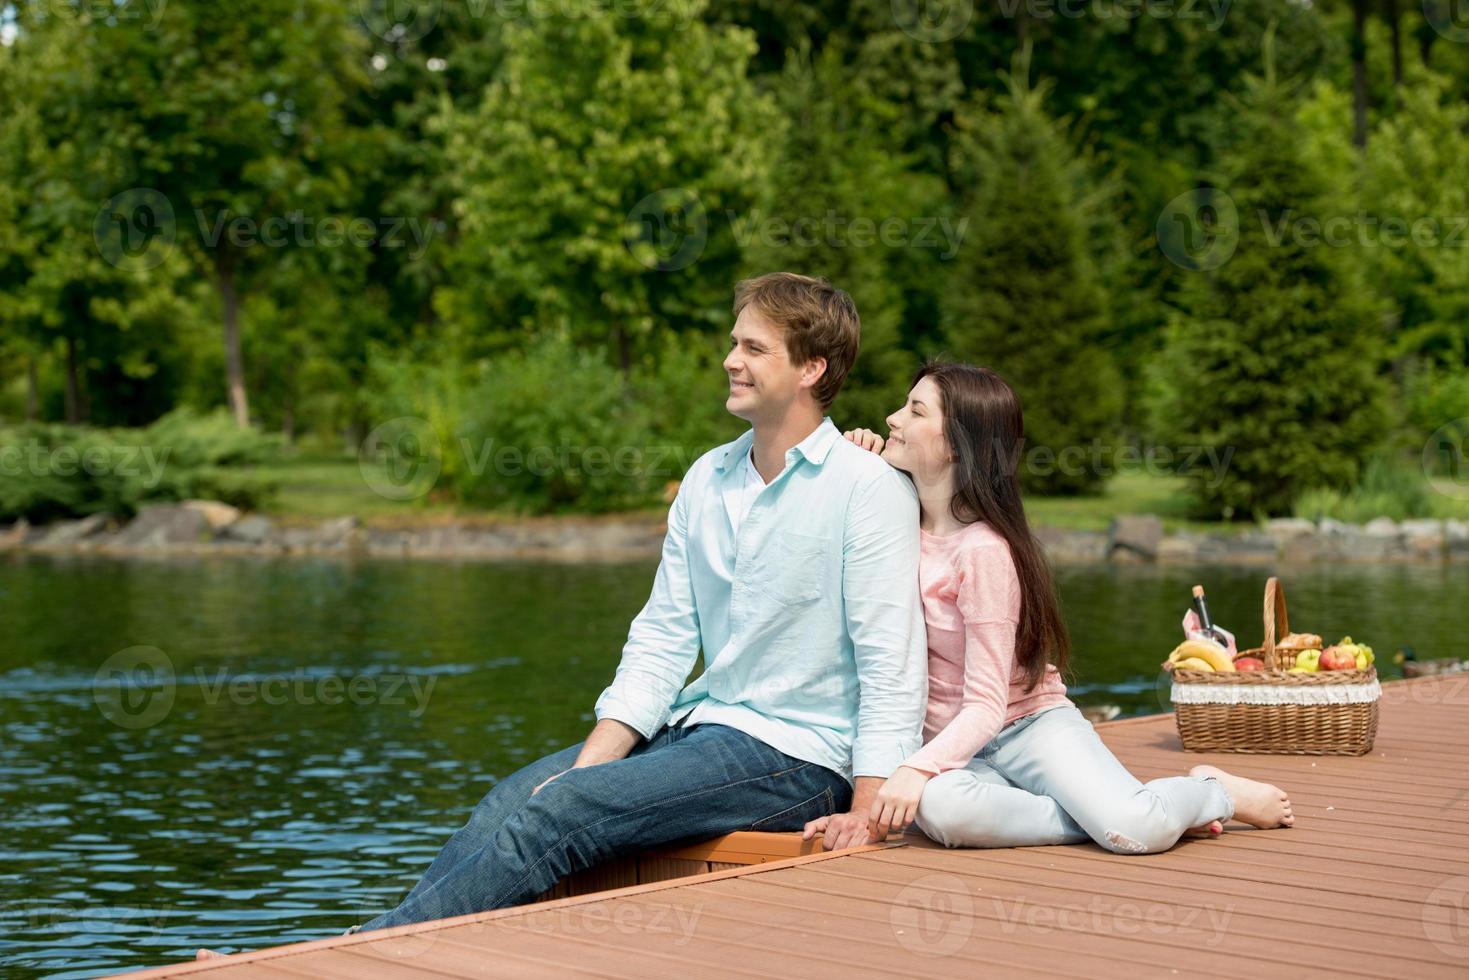 felice coppia romantica godendo picnic in un parco vicino al lago foto